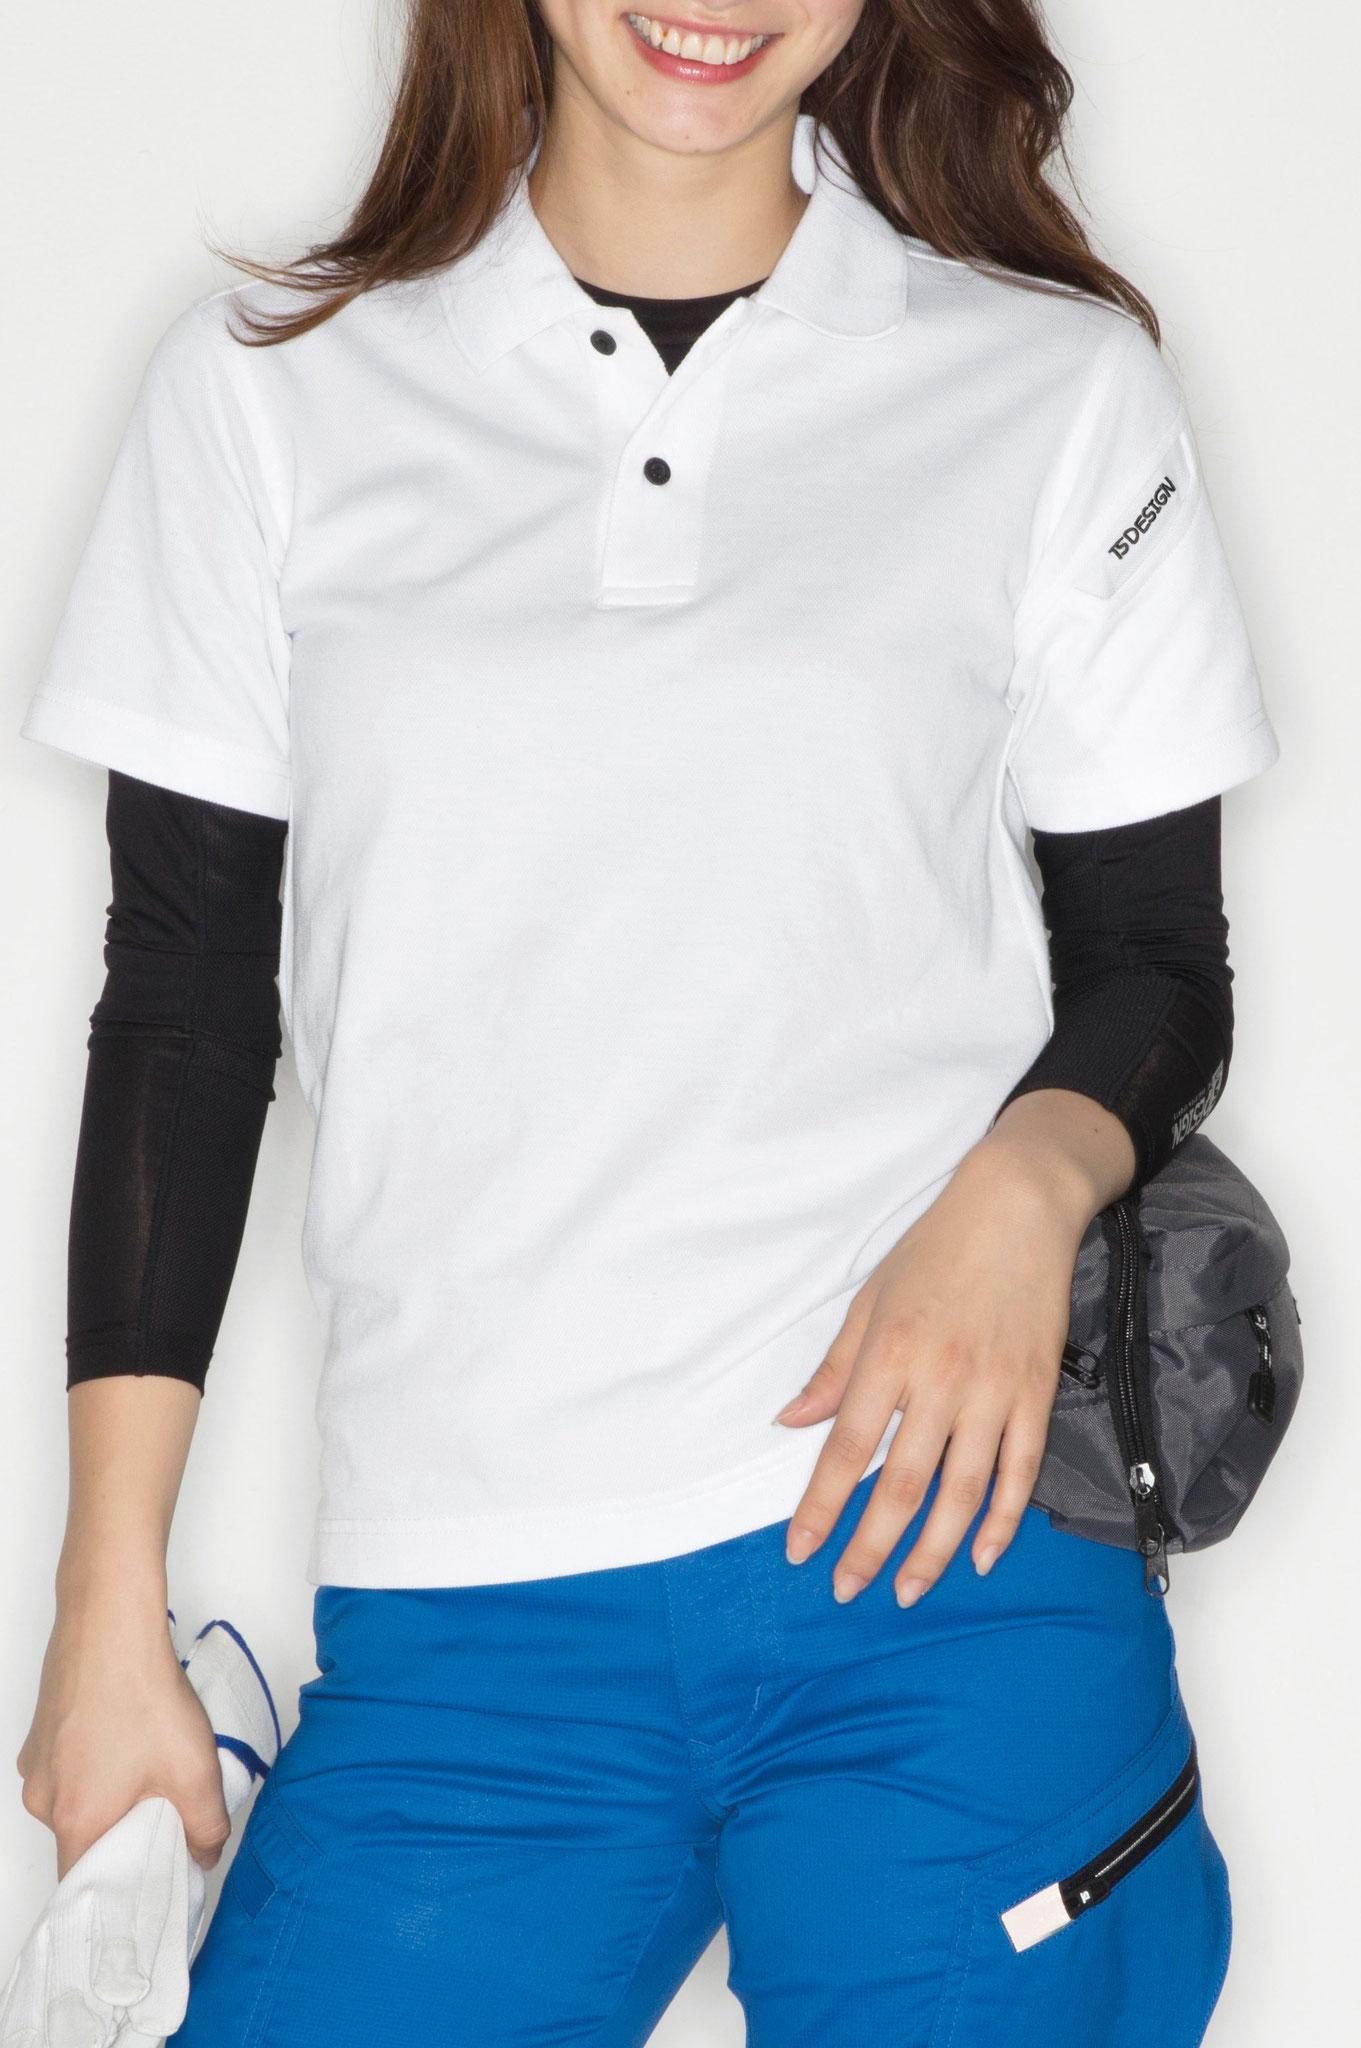 TS DESIGN~TSデザイン~4065 ショートスリーブポロシャツ ¥2,190(税込)